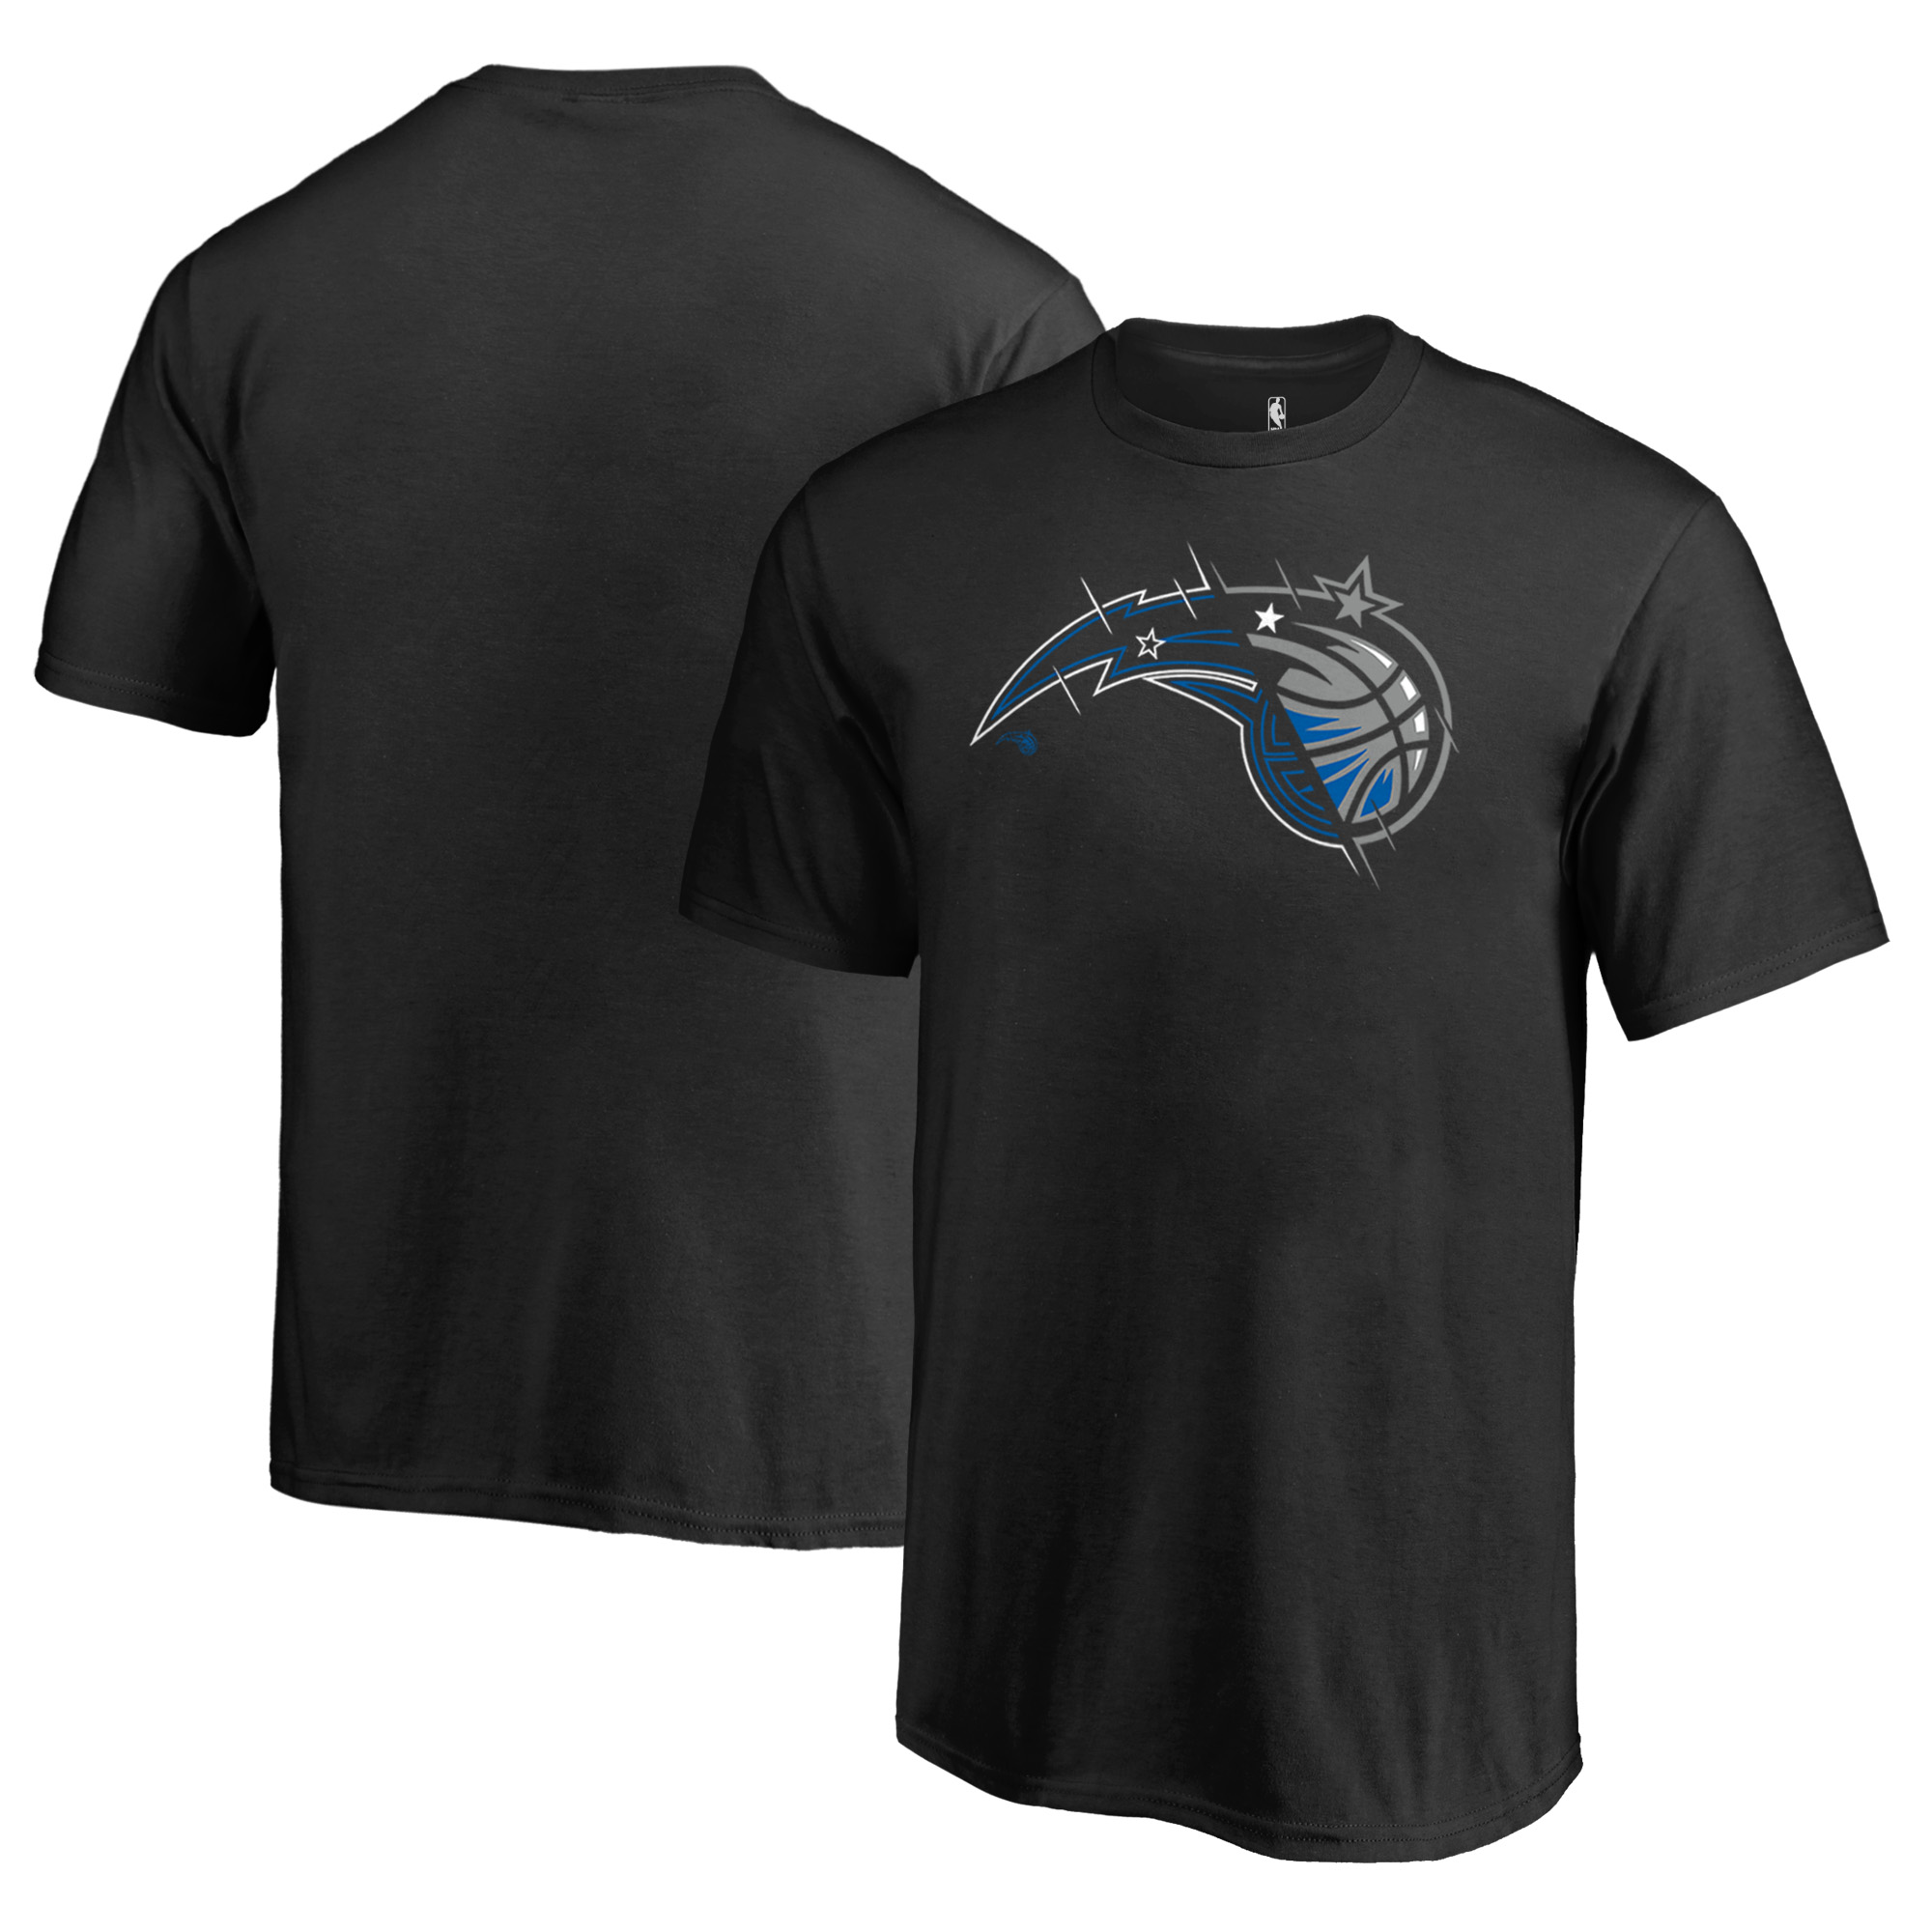 Orlando Magic Fanatics Branded Youth X-Ray T-Shirt - Black